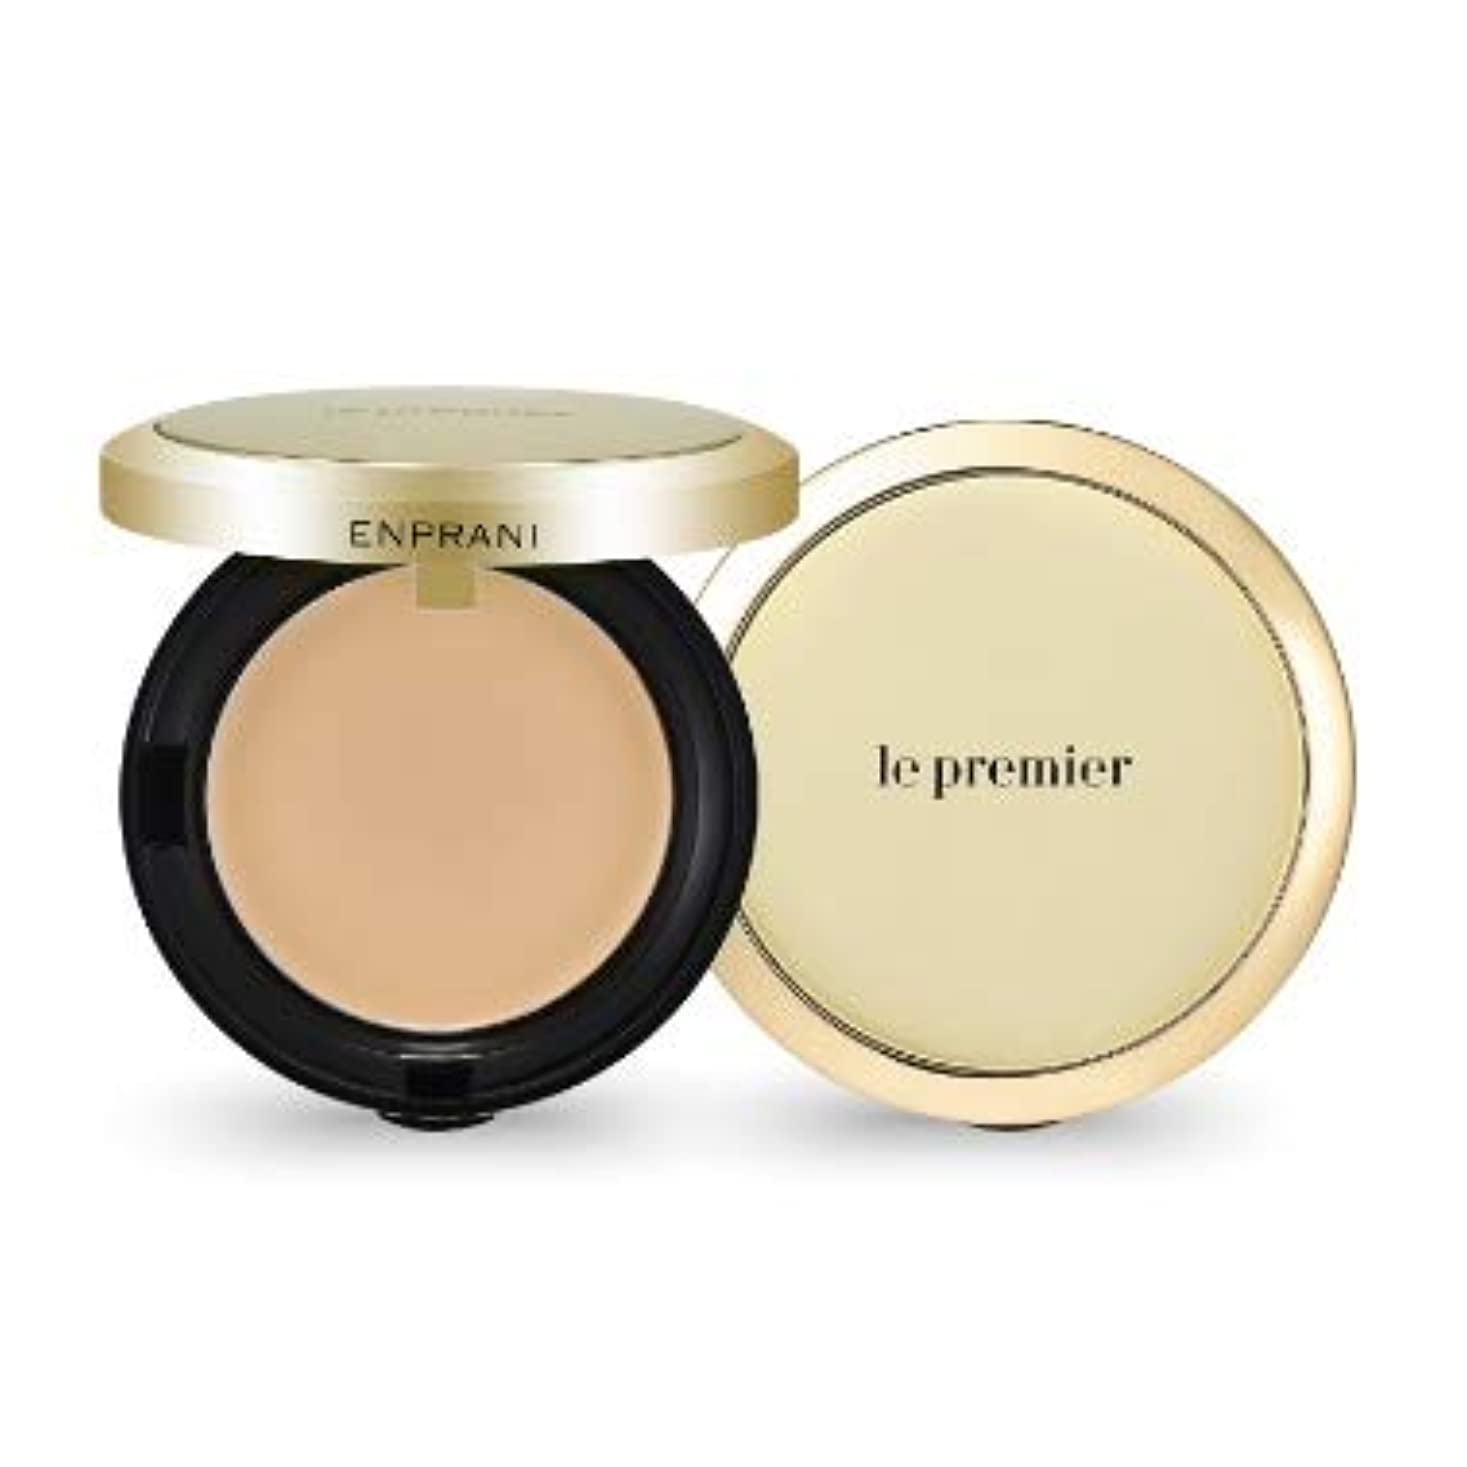 フレキシブル植物学お酢ENPRANI Le Premier Skin Cover Pact #21 Light Beige エンプラニ ル プレミア スキン カバー パクト [並行輸入品]